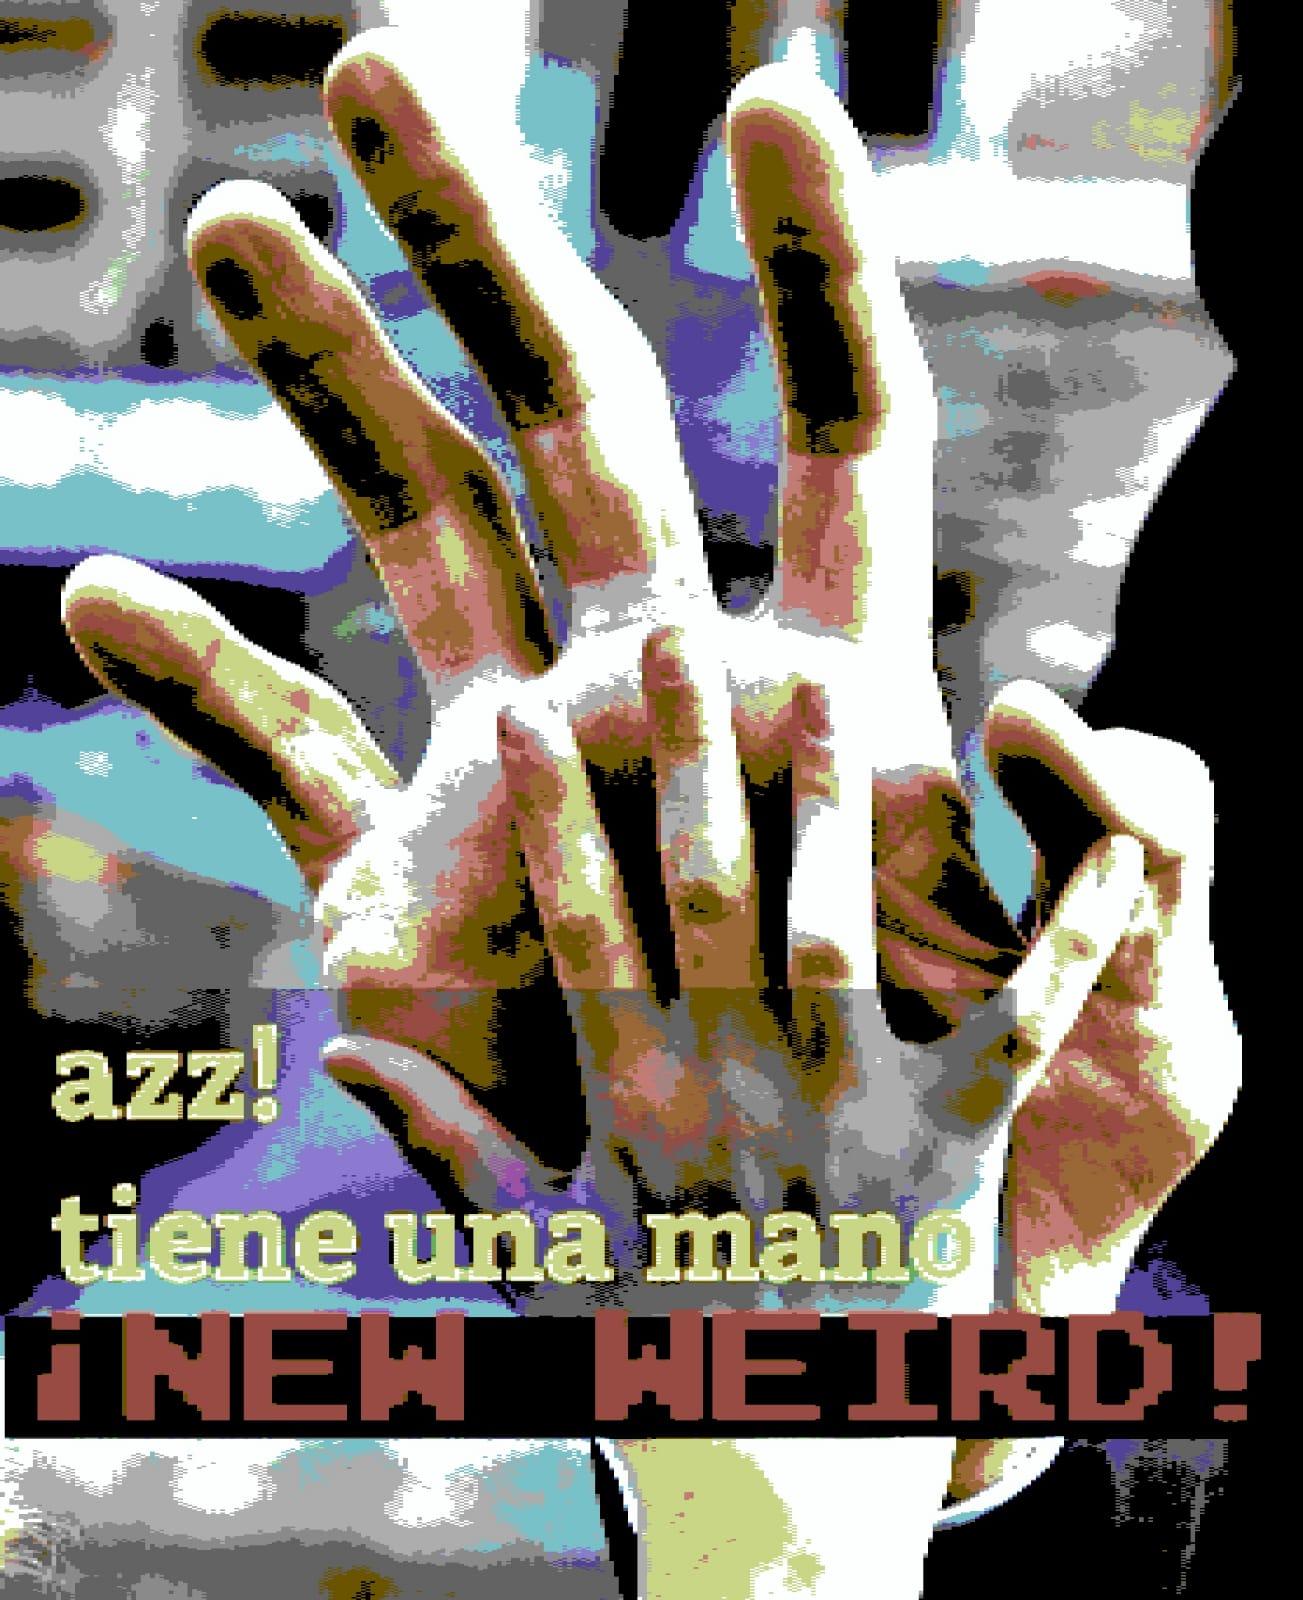 Italian Weird e la sindrome del marziano